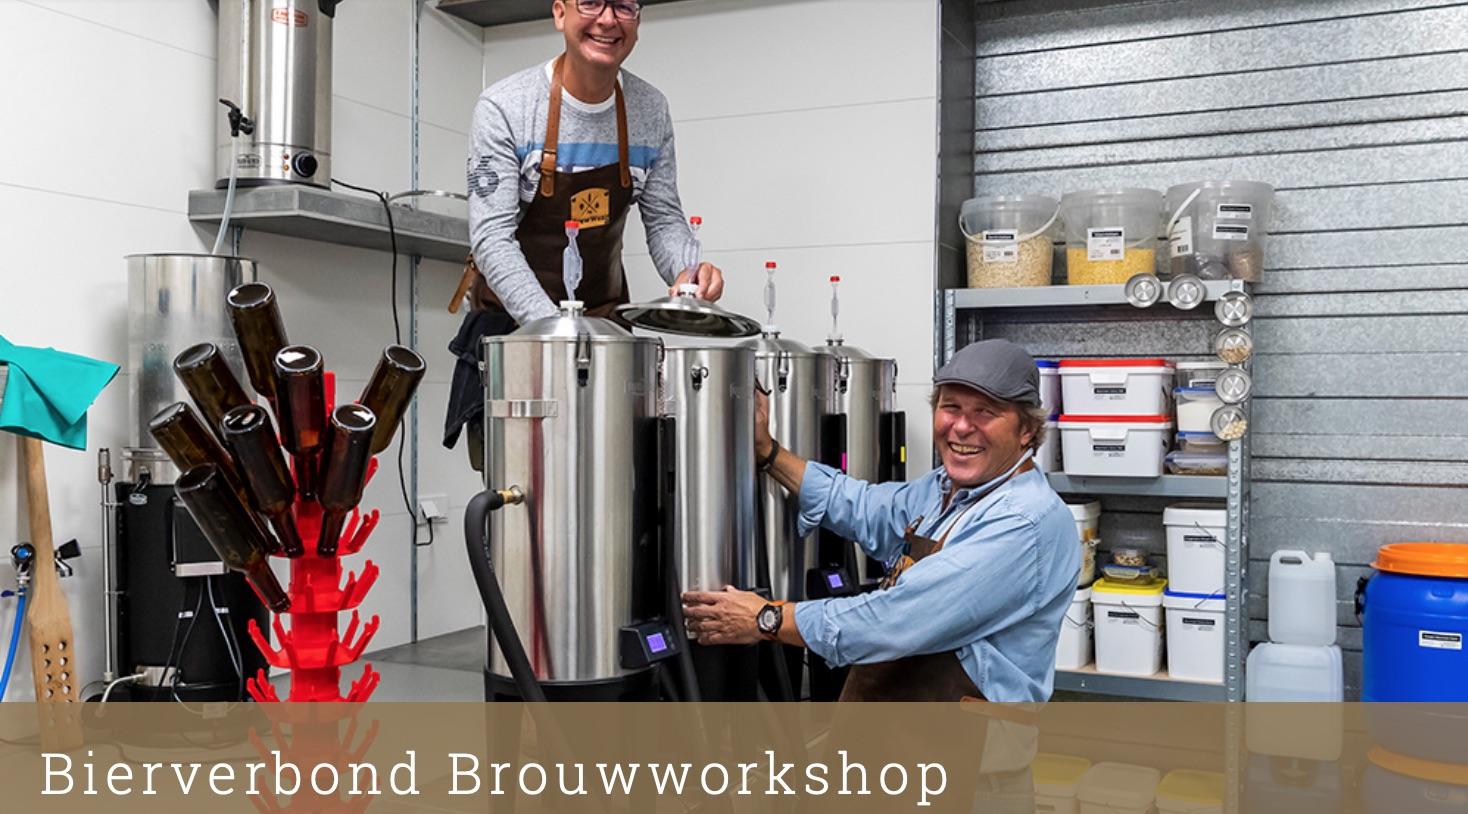 Brouwworkshop bij Brouwerij Bierverbond